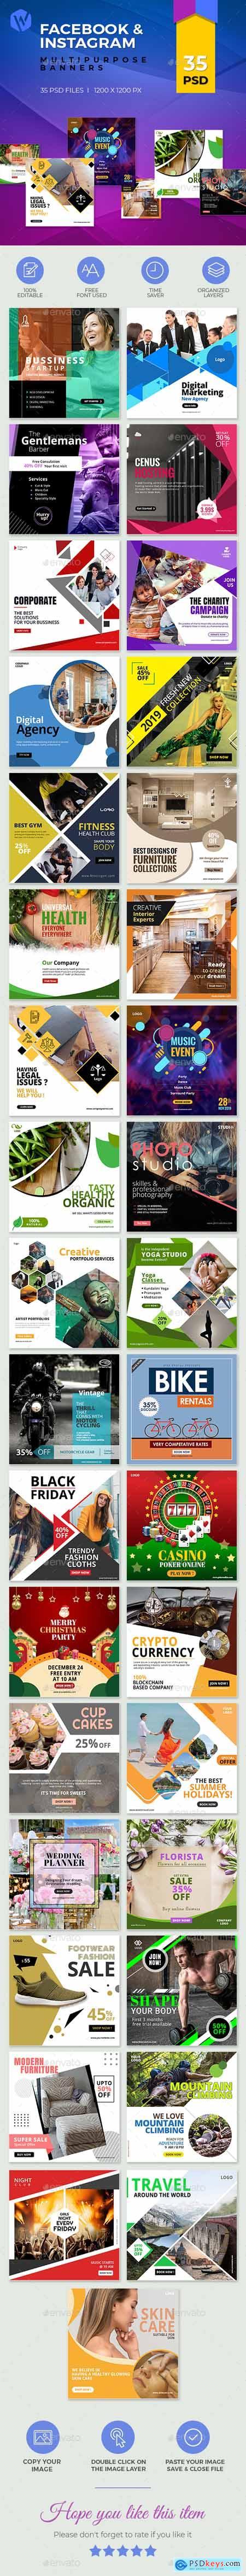 35-Facebook & Instagram Banners 25052343